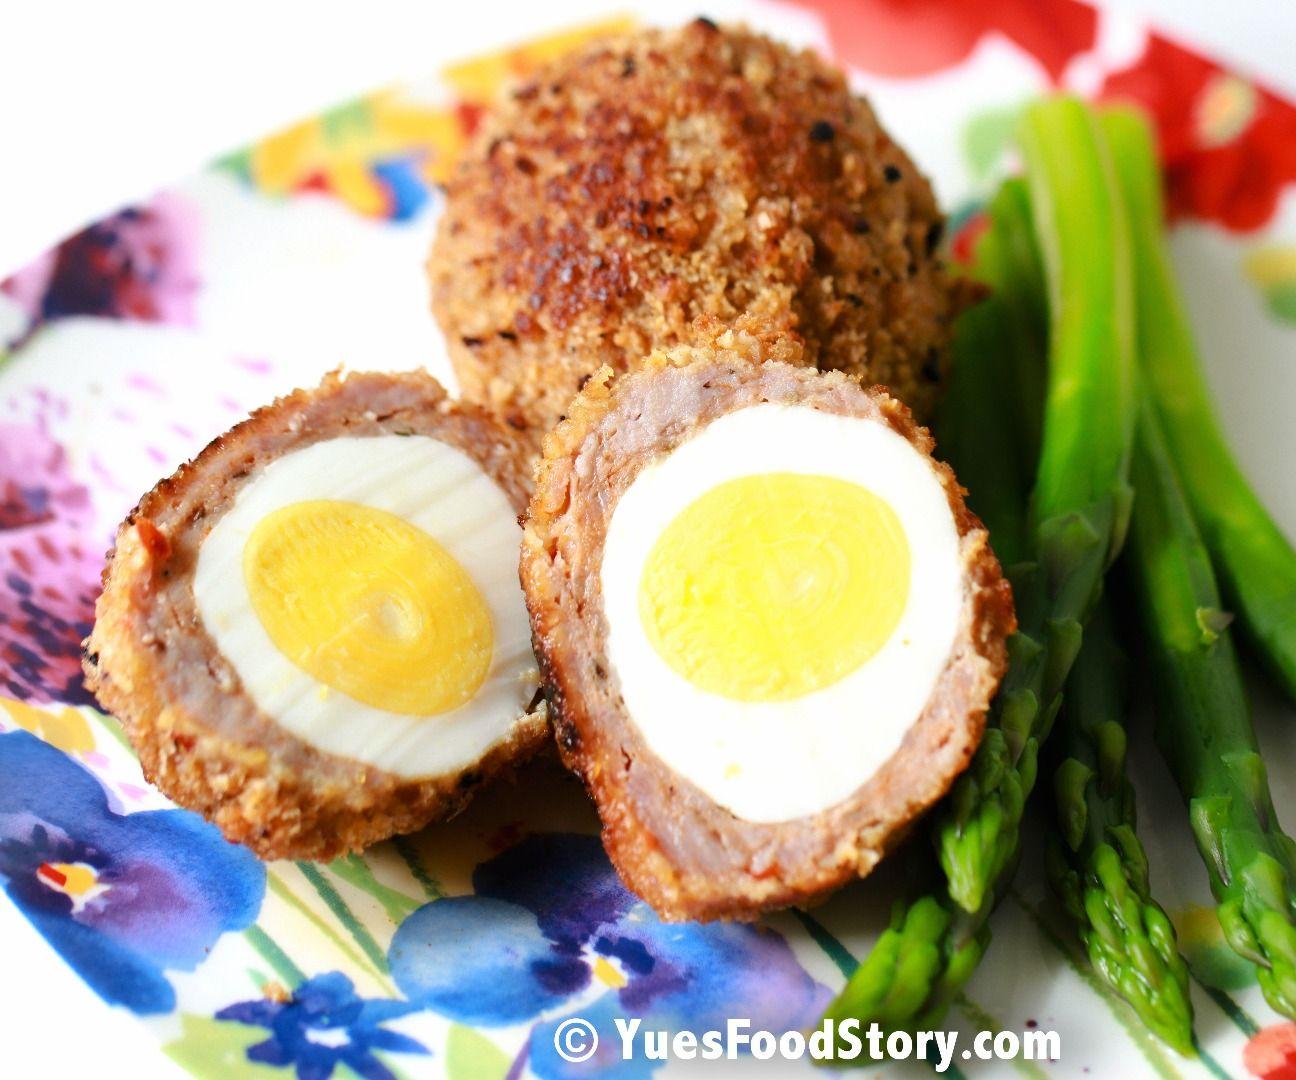 Baked/Fried/Pan Fried Scotch Egg